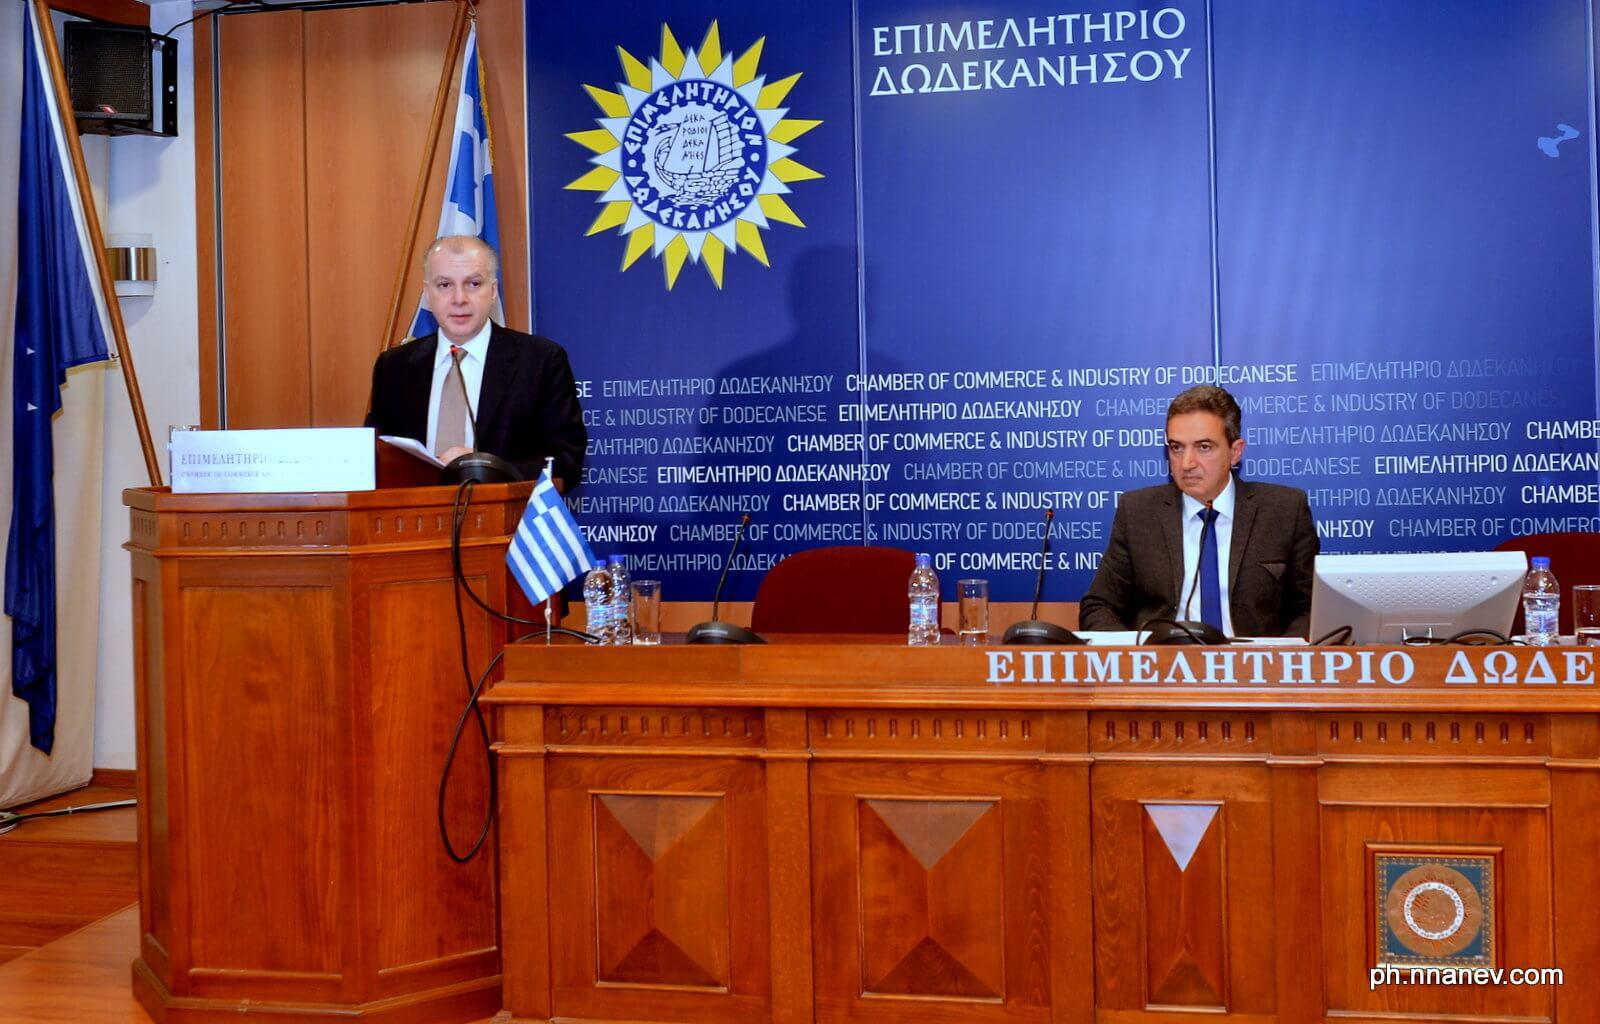 Ο πρόεδρος της ΕΞΡ Αντώνης Καμπουράκης και ο αντιπρόεδρος του ΣΕΤΕ Κώστας  Κωνσταντινίδης 44ab8fdc2a6